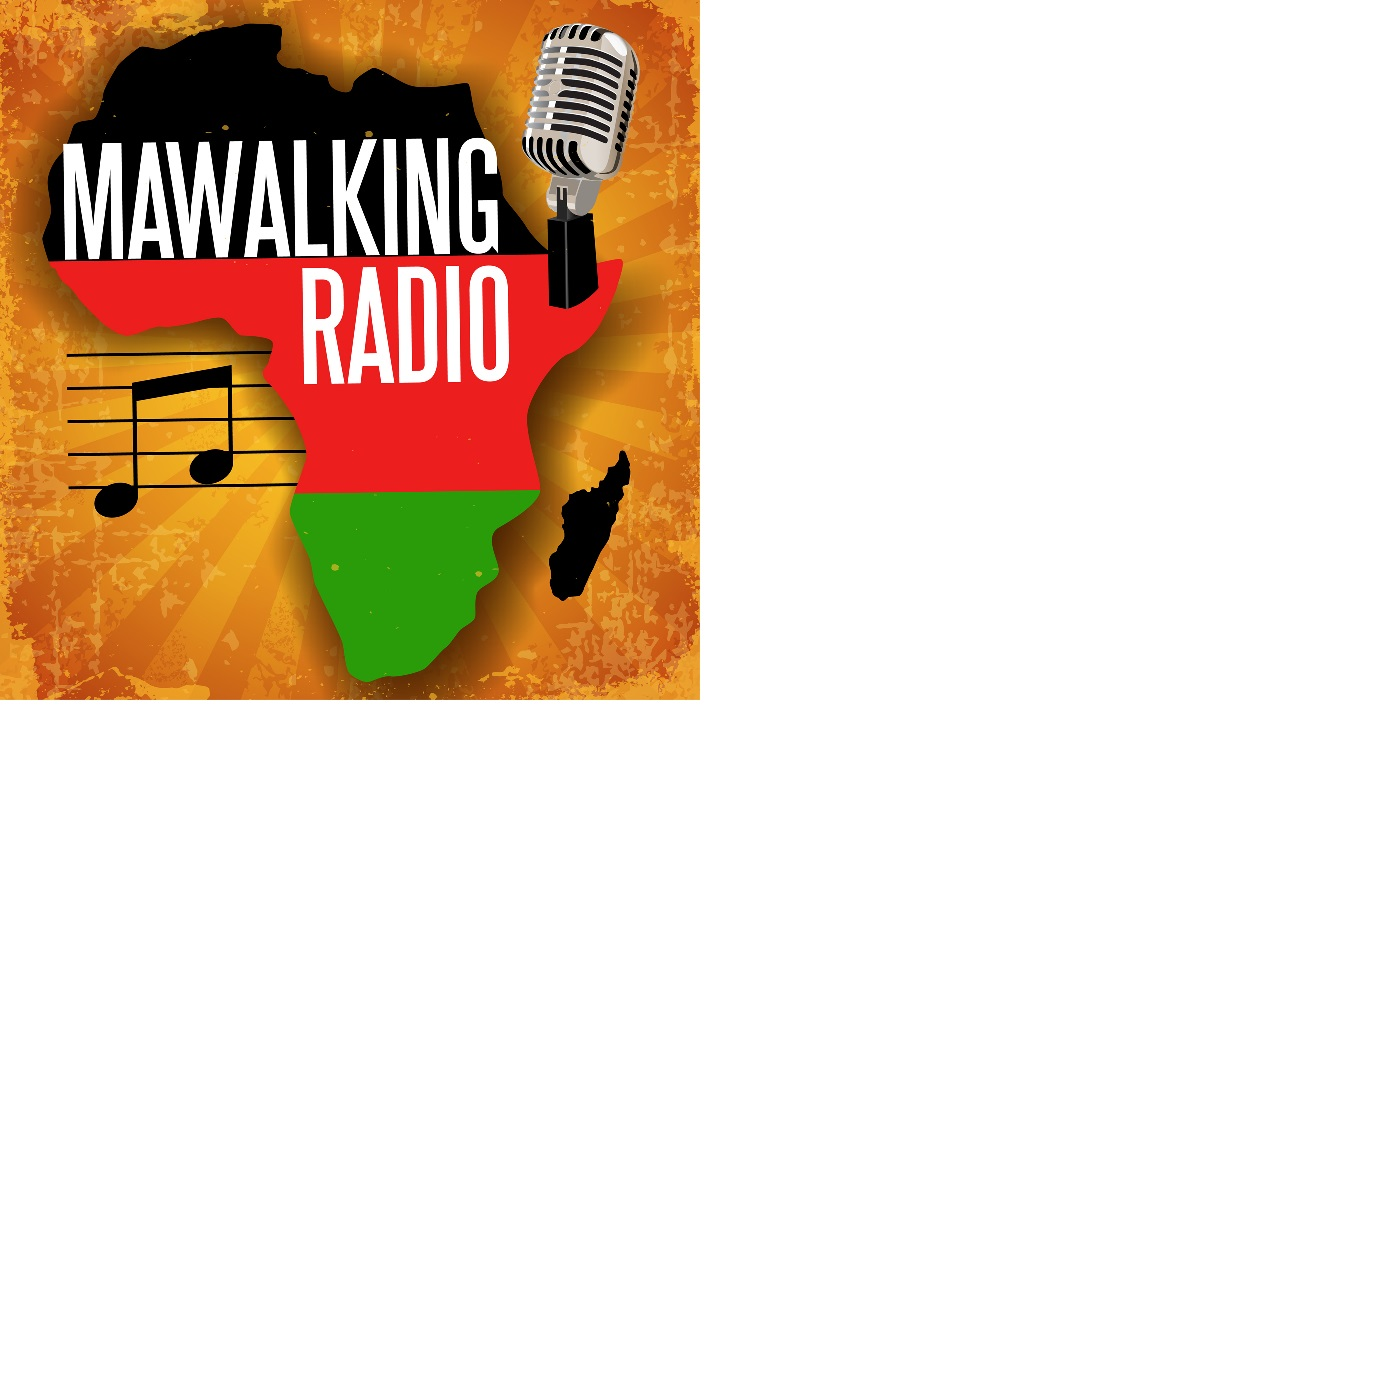 Mawalking Radio